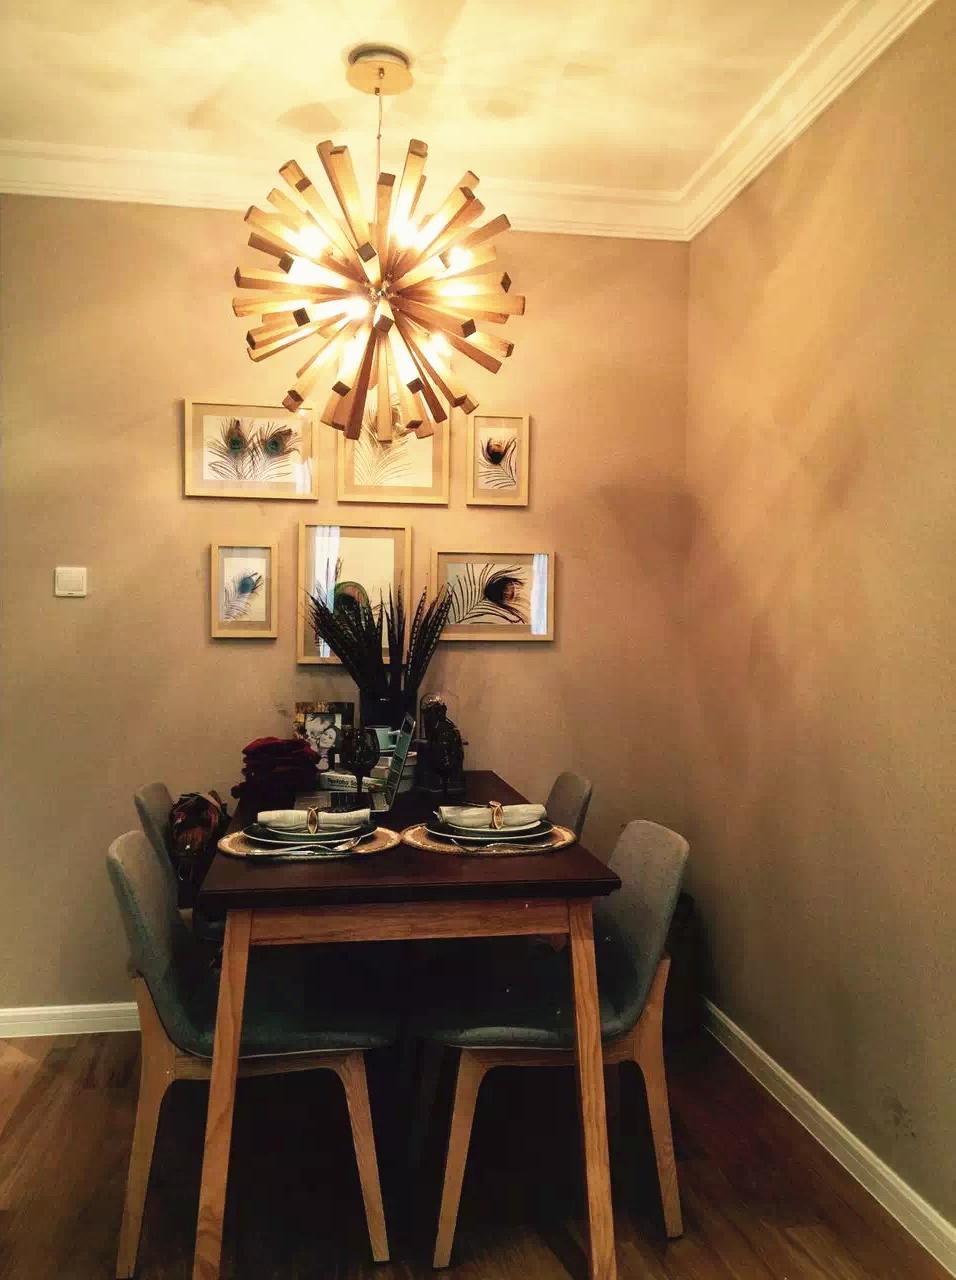 餐桌依旧沿用原木色系风格,餐椅是灰蓝色的亚麻布艺座椅,质感上升!